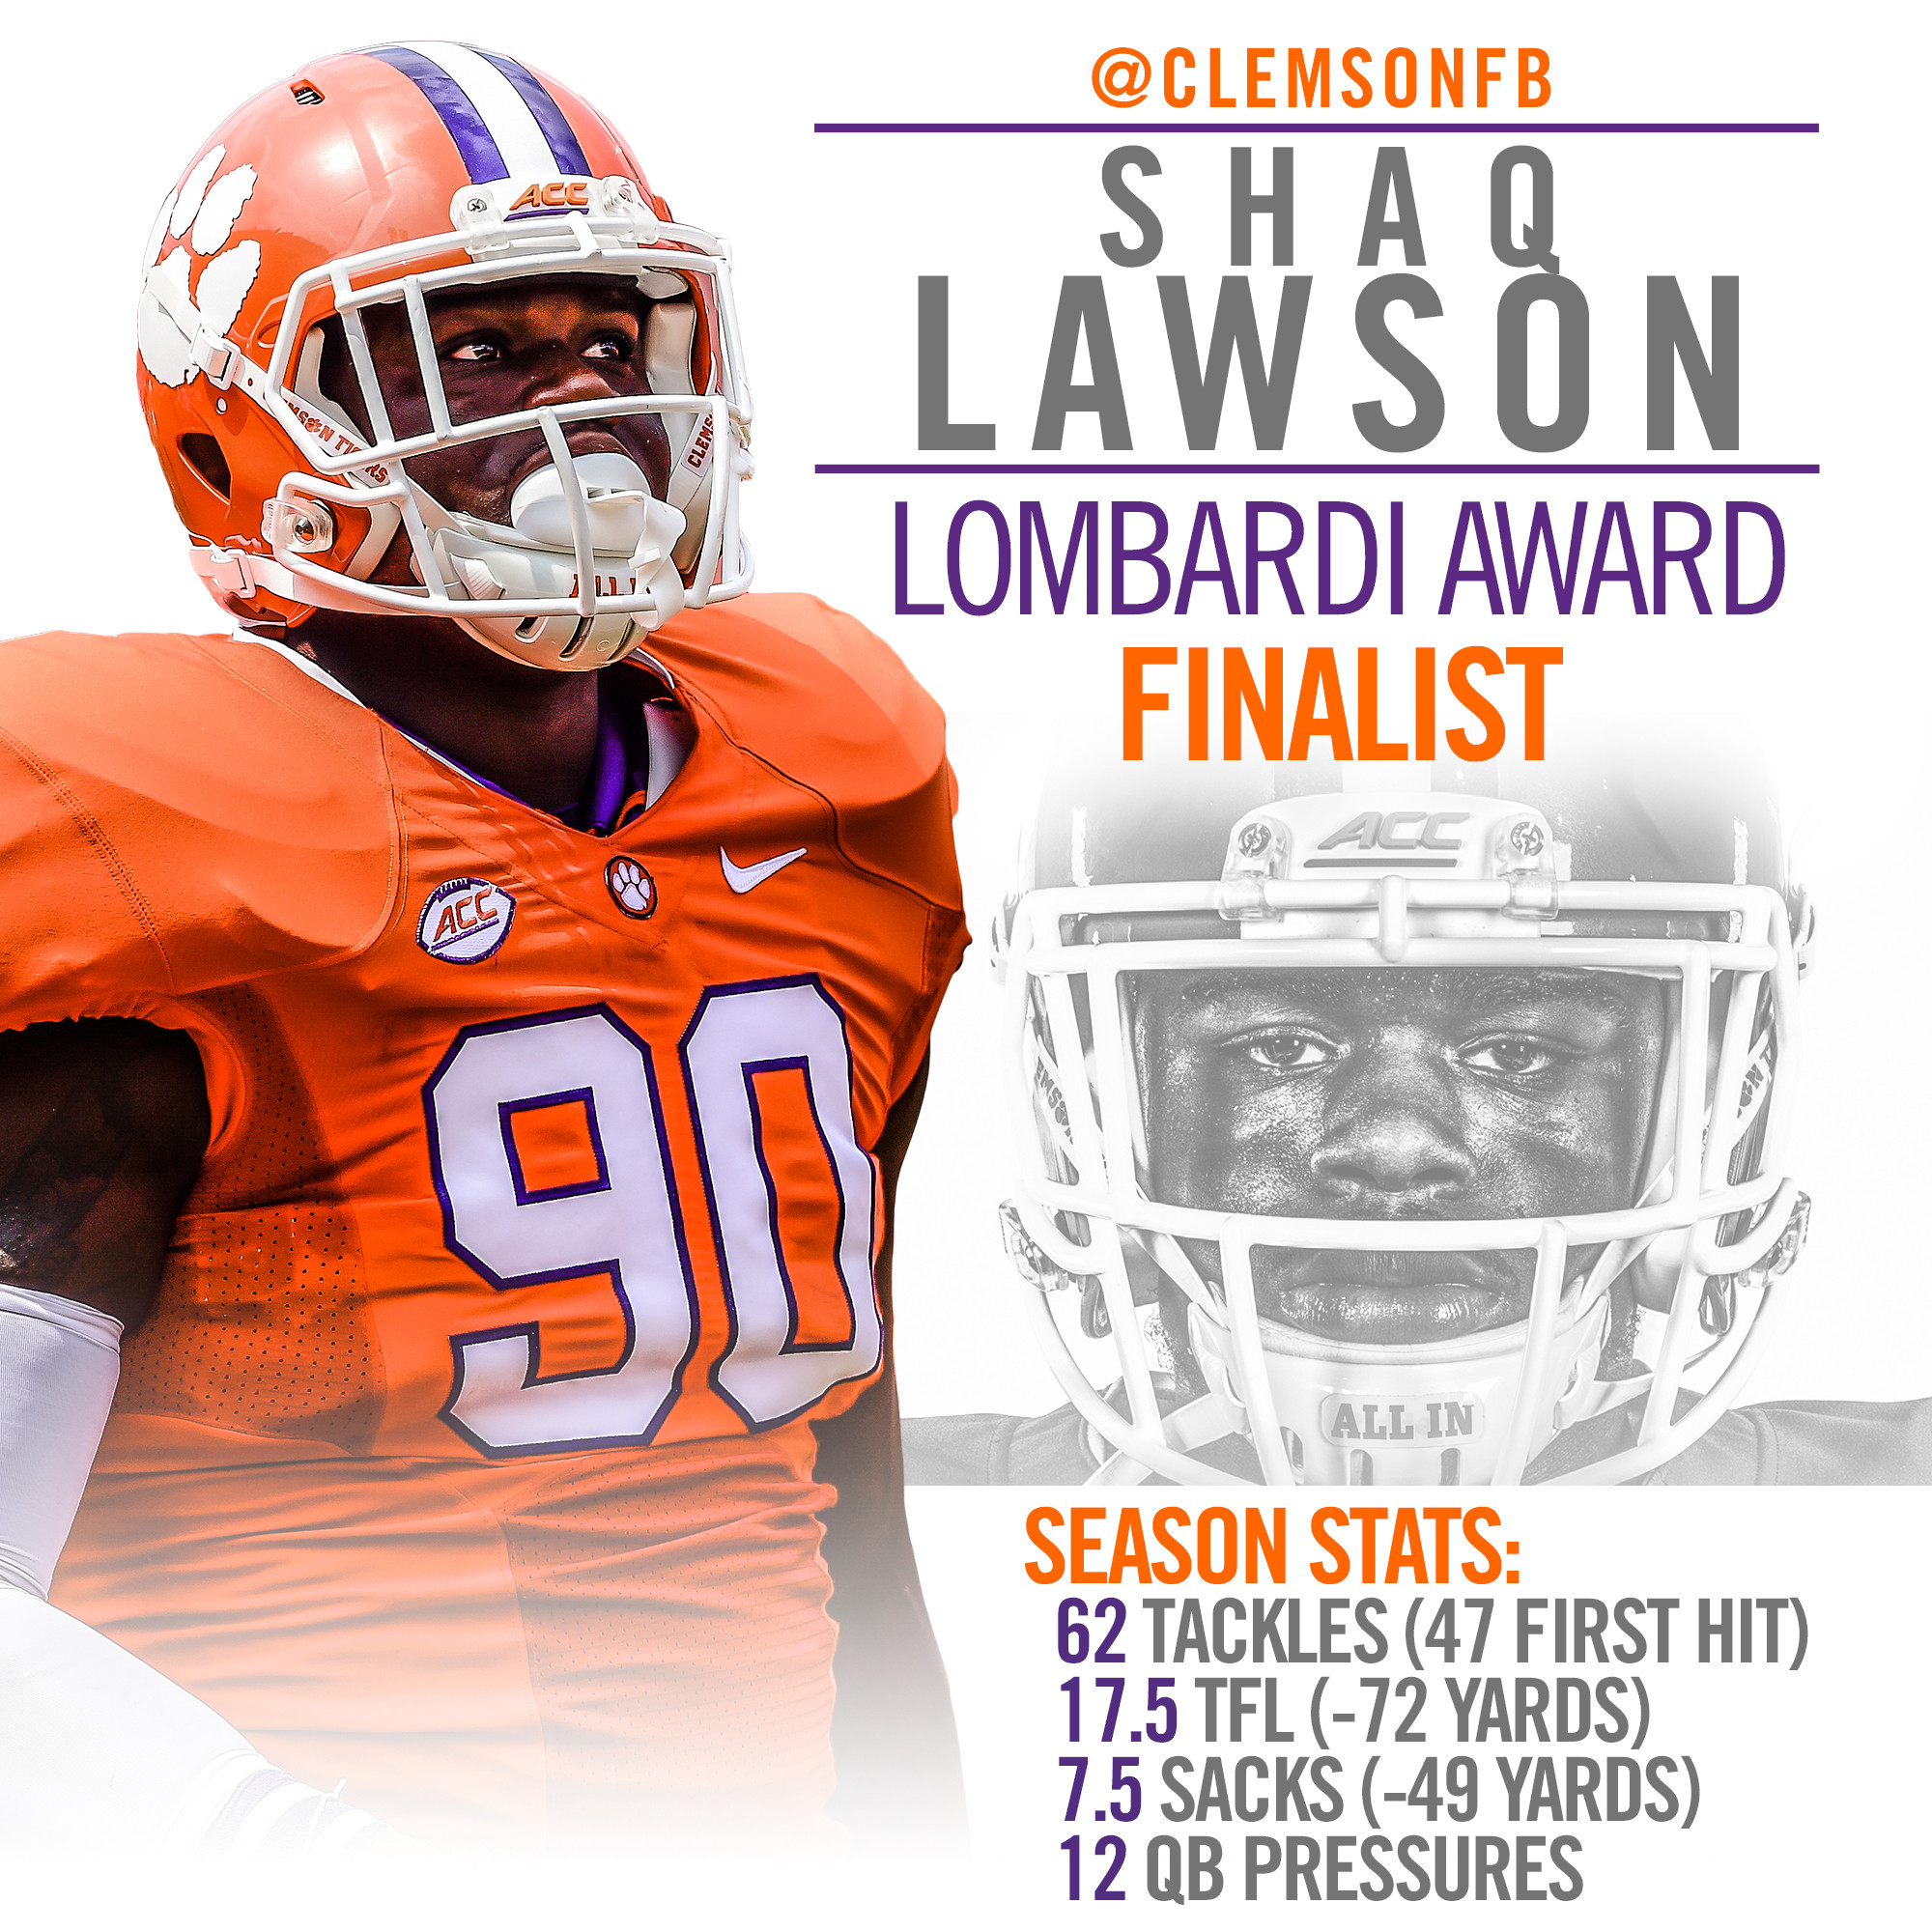 Lawson Named Lombardi Award Finalist